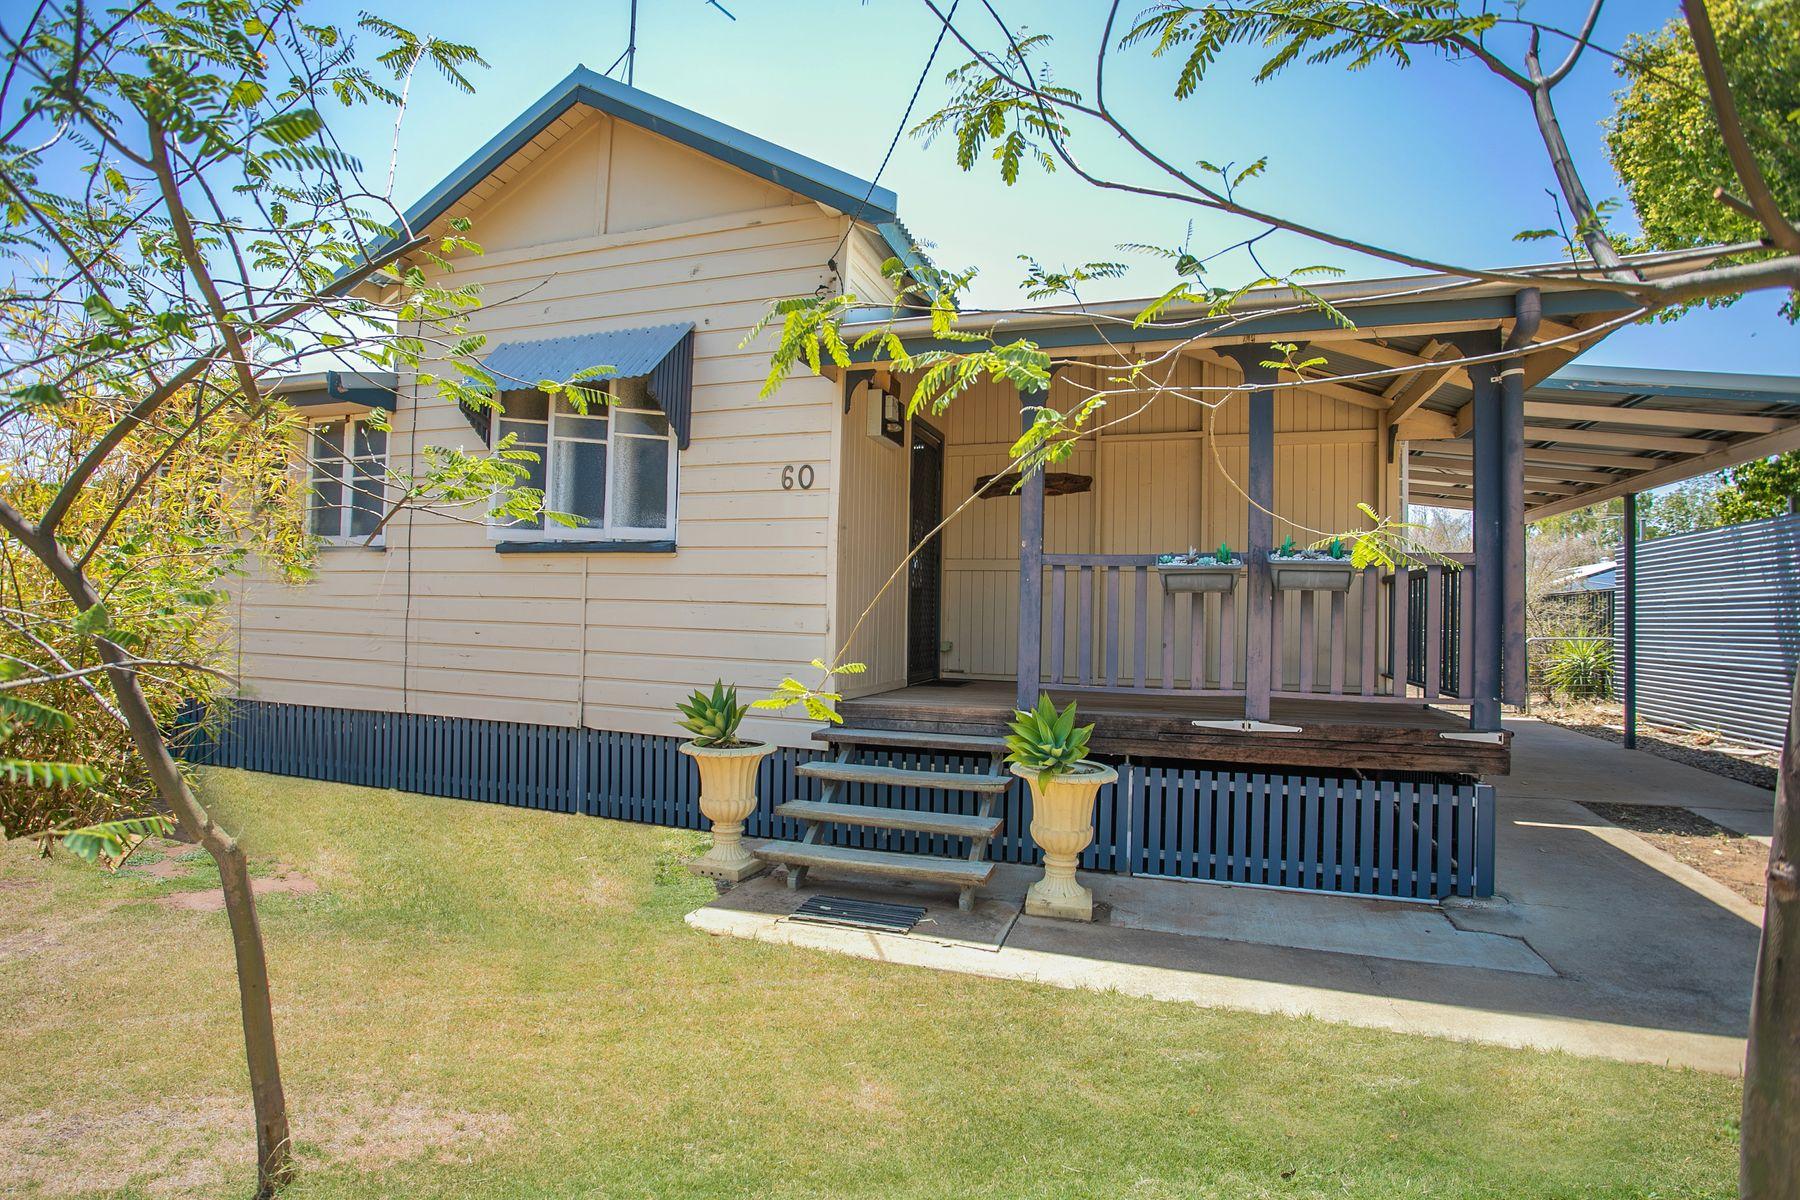 60 King Street, Chinchilla, QLD 4413